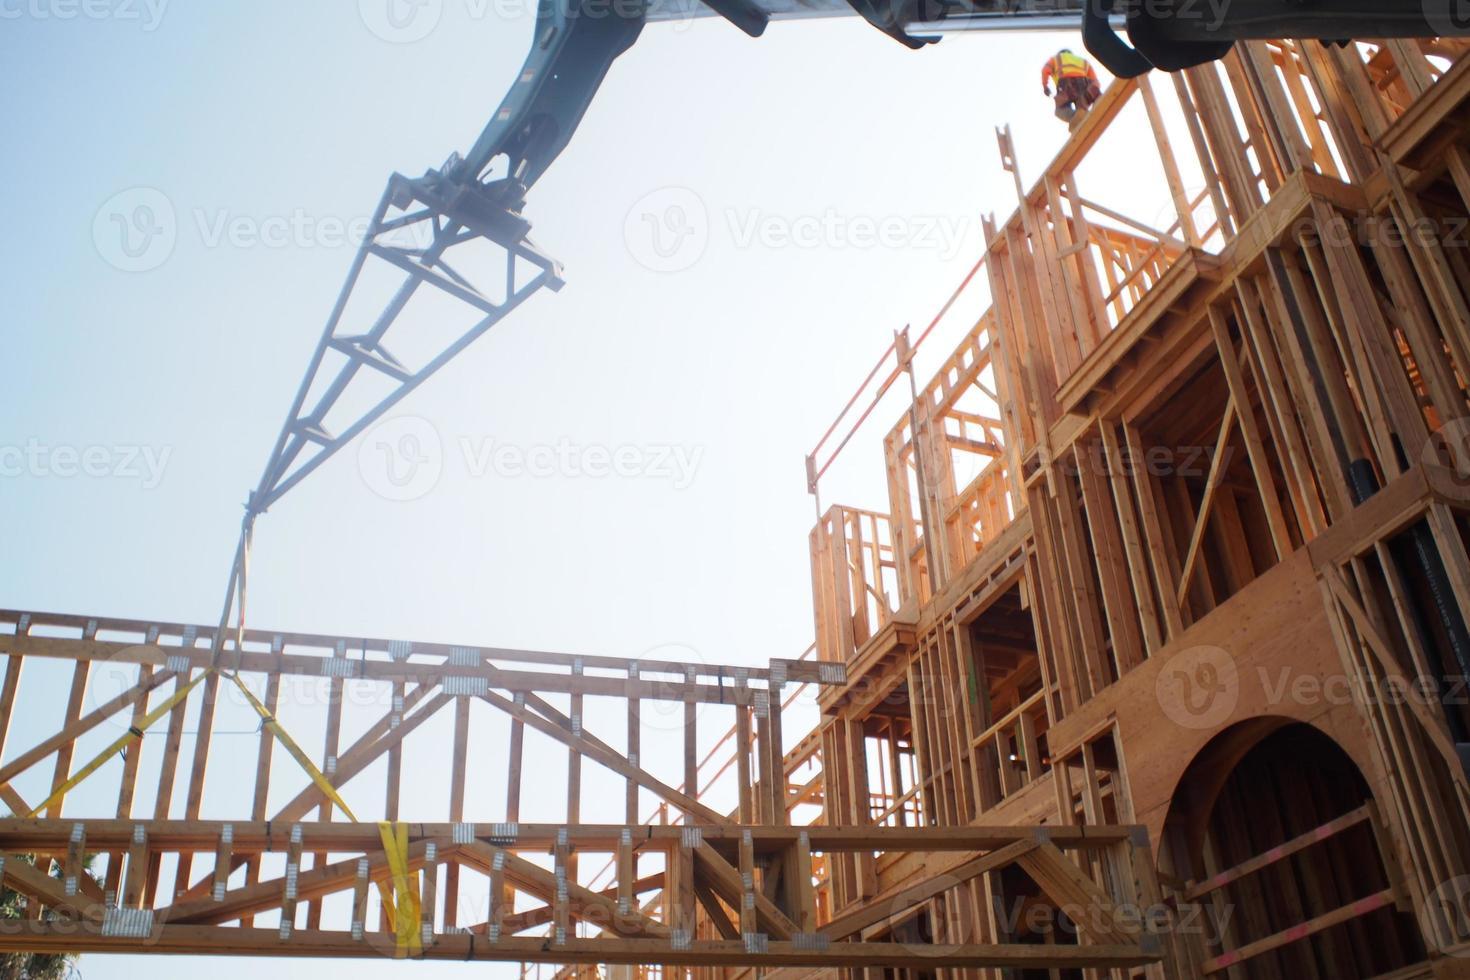 capriate di caricamento della struttura di legno foto